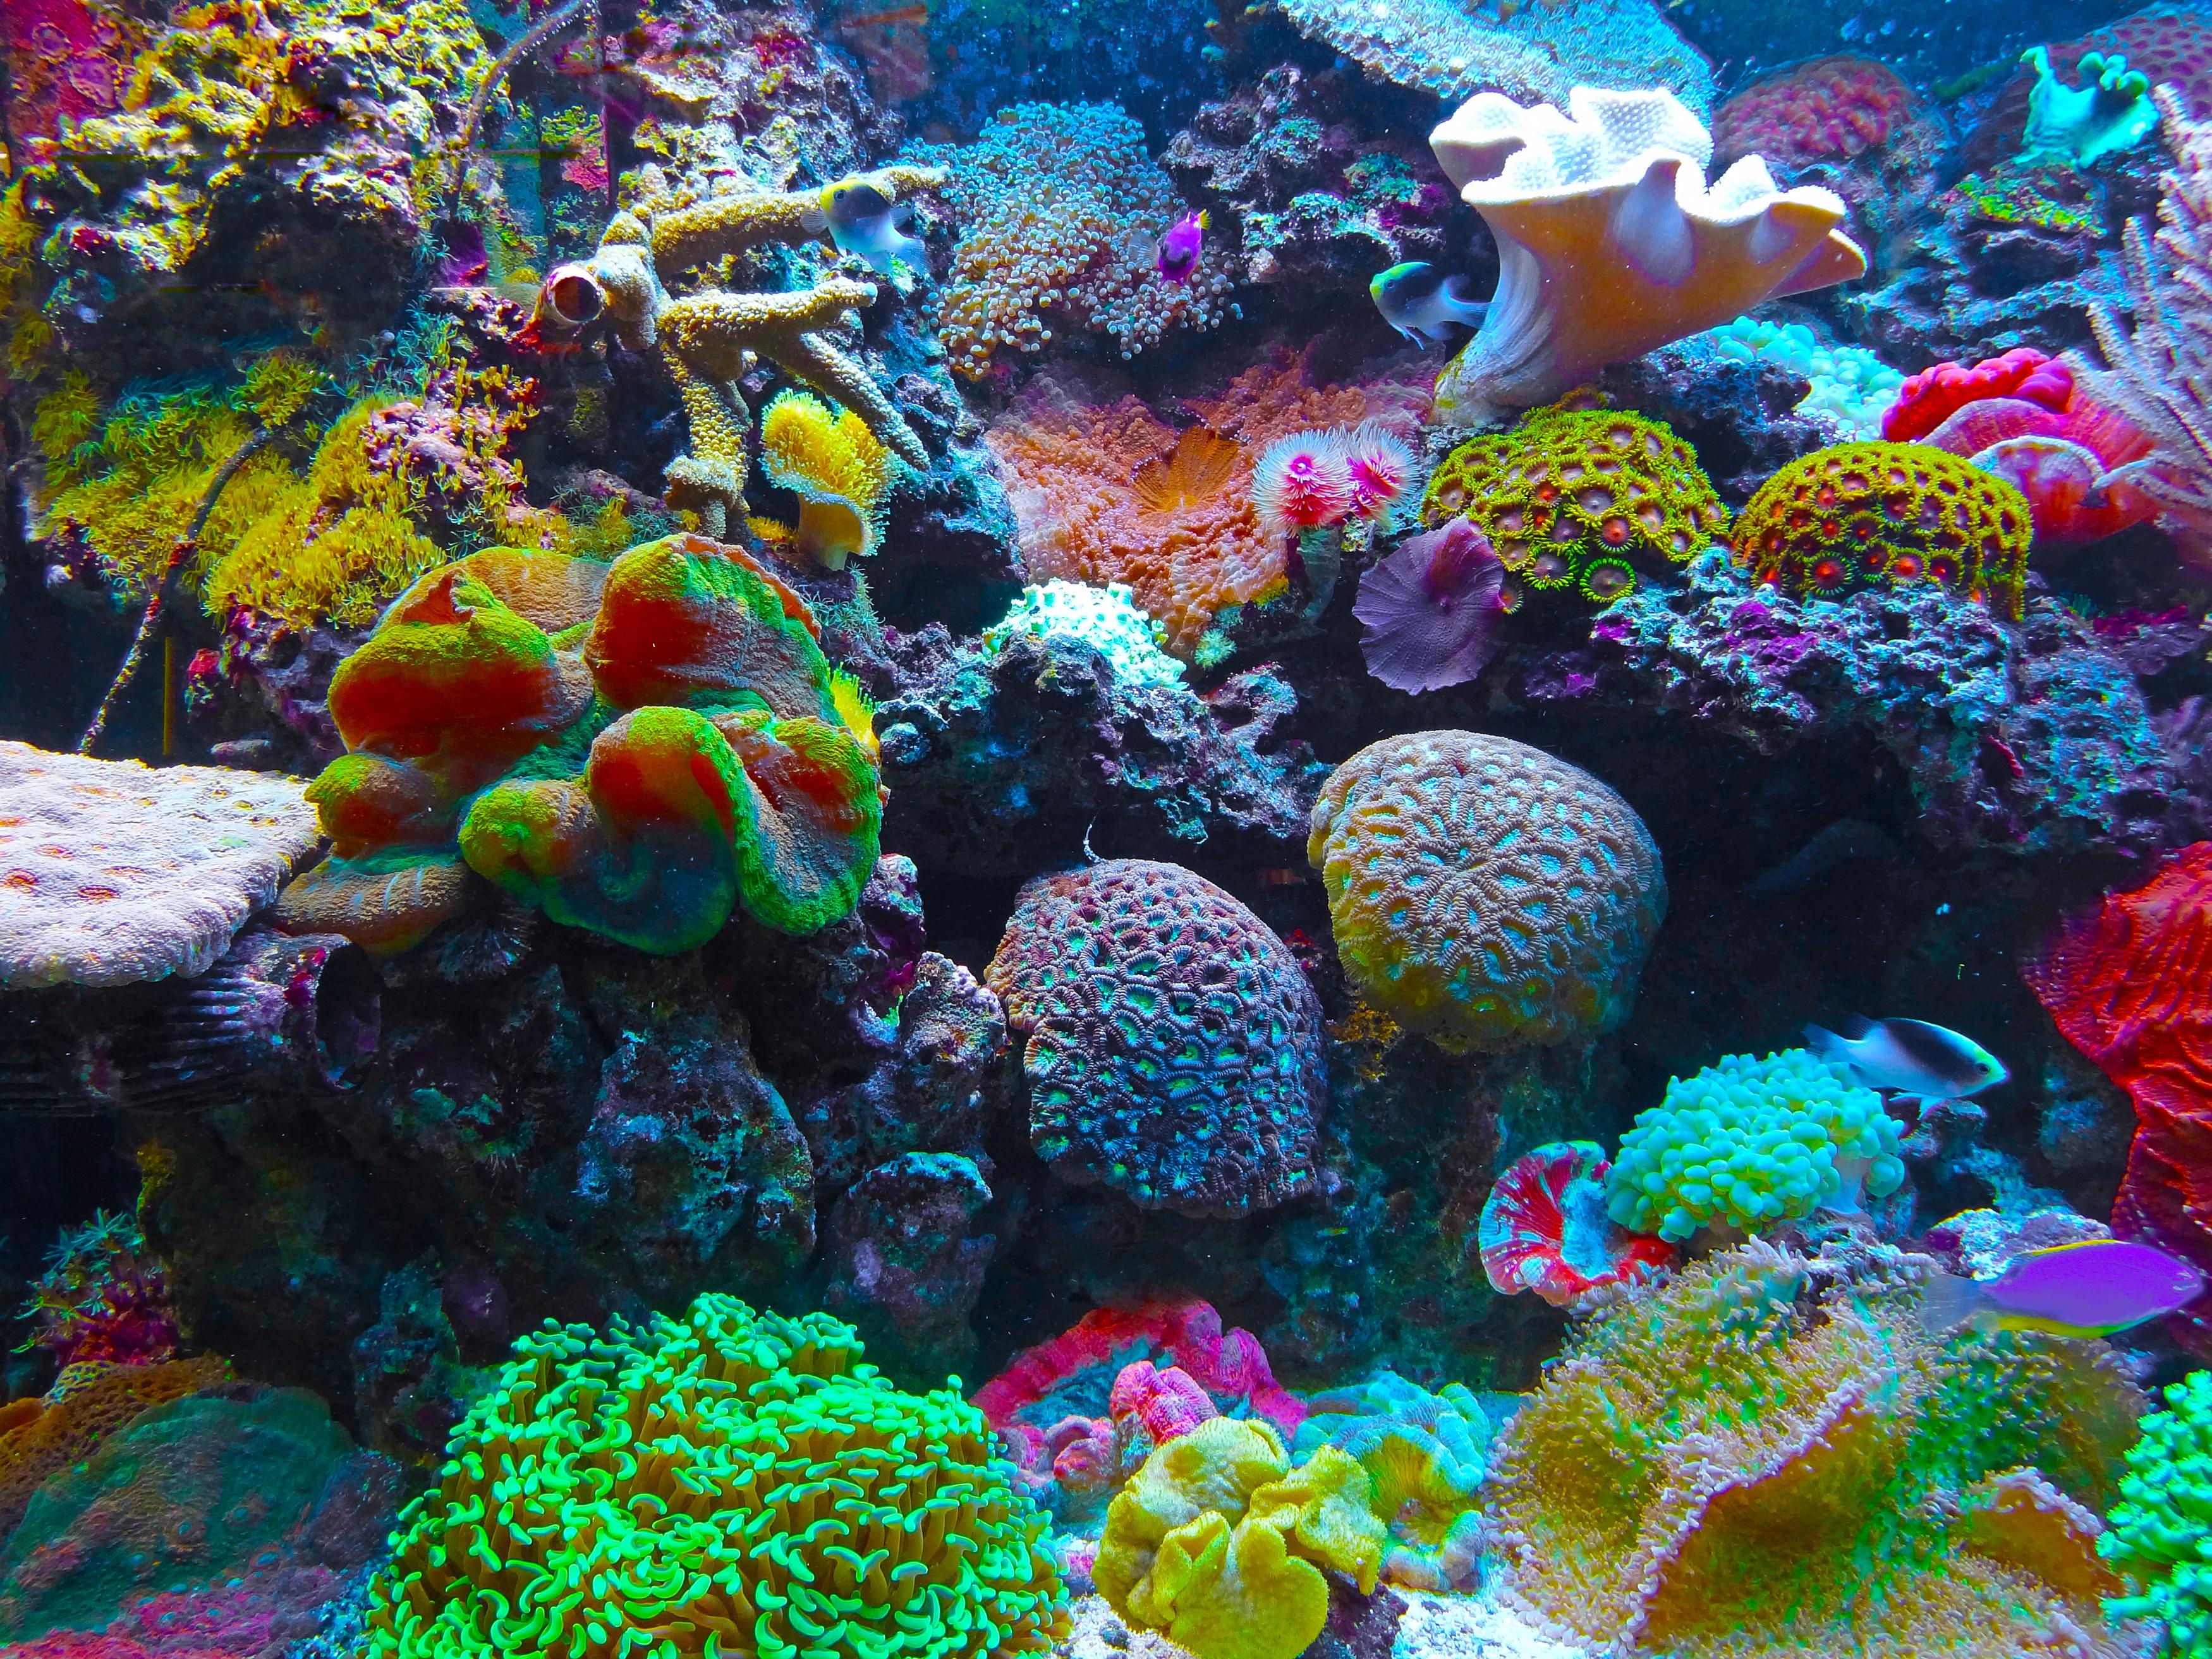 korallenriff kostenlos